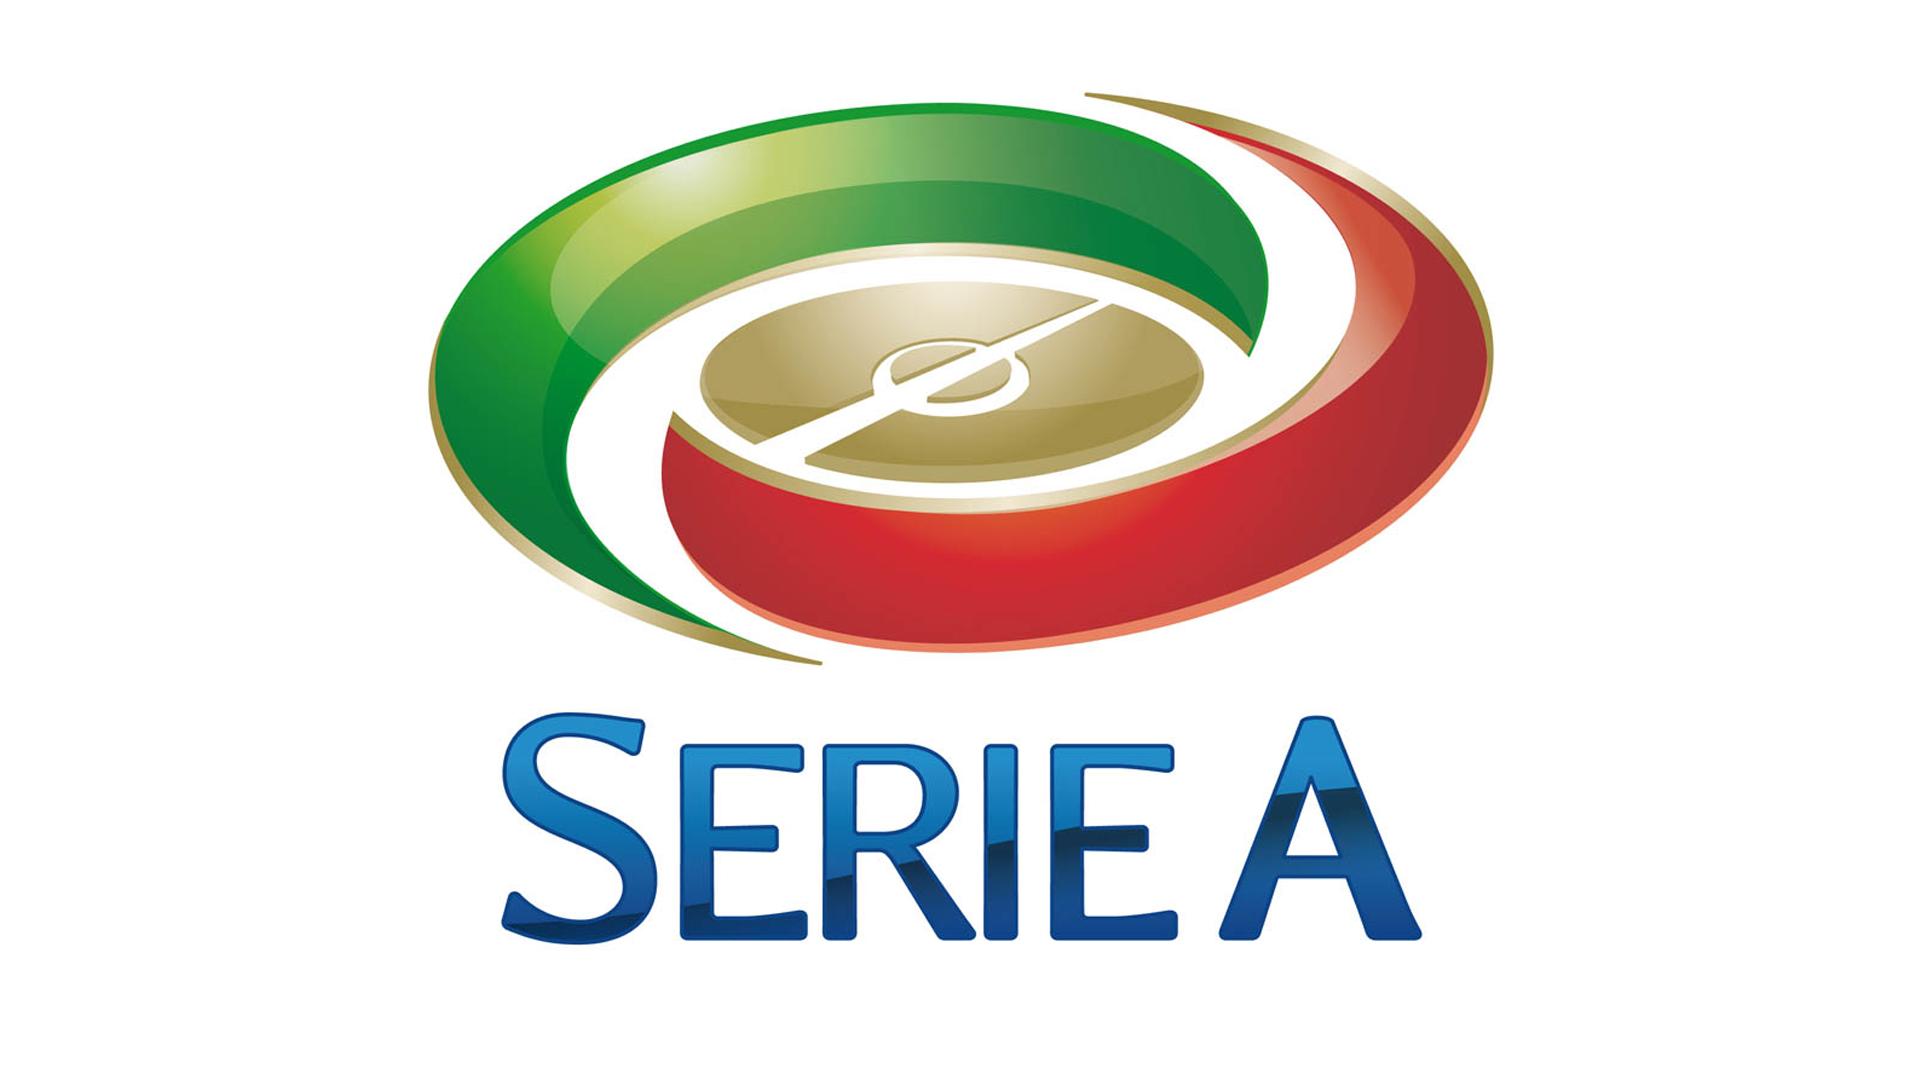 logo-serie-a_8m75yol1q71f1g4vvfiuirxiz